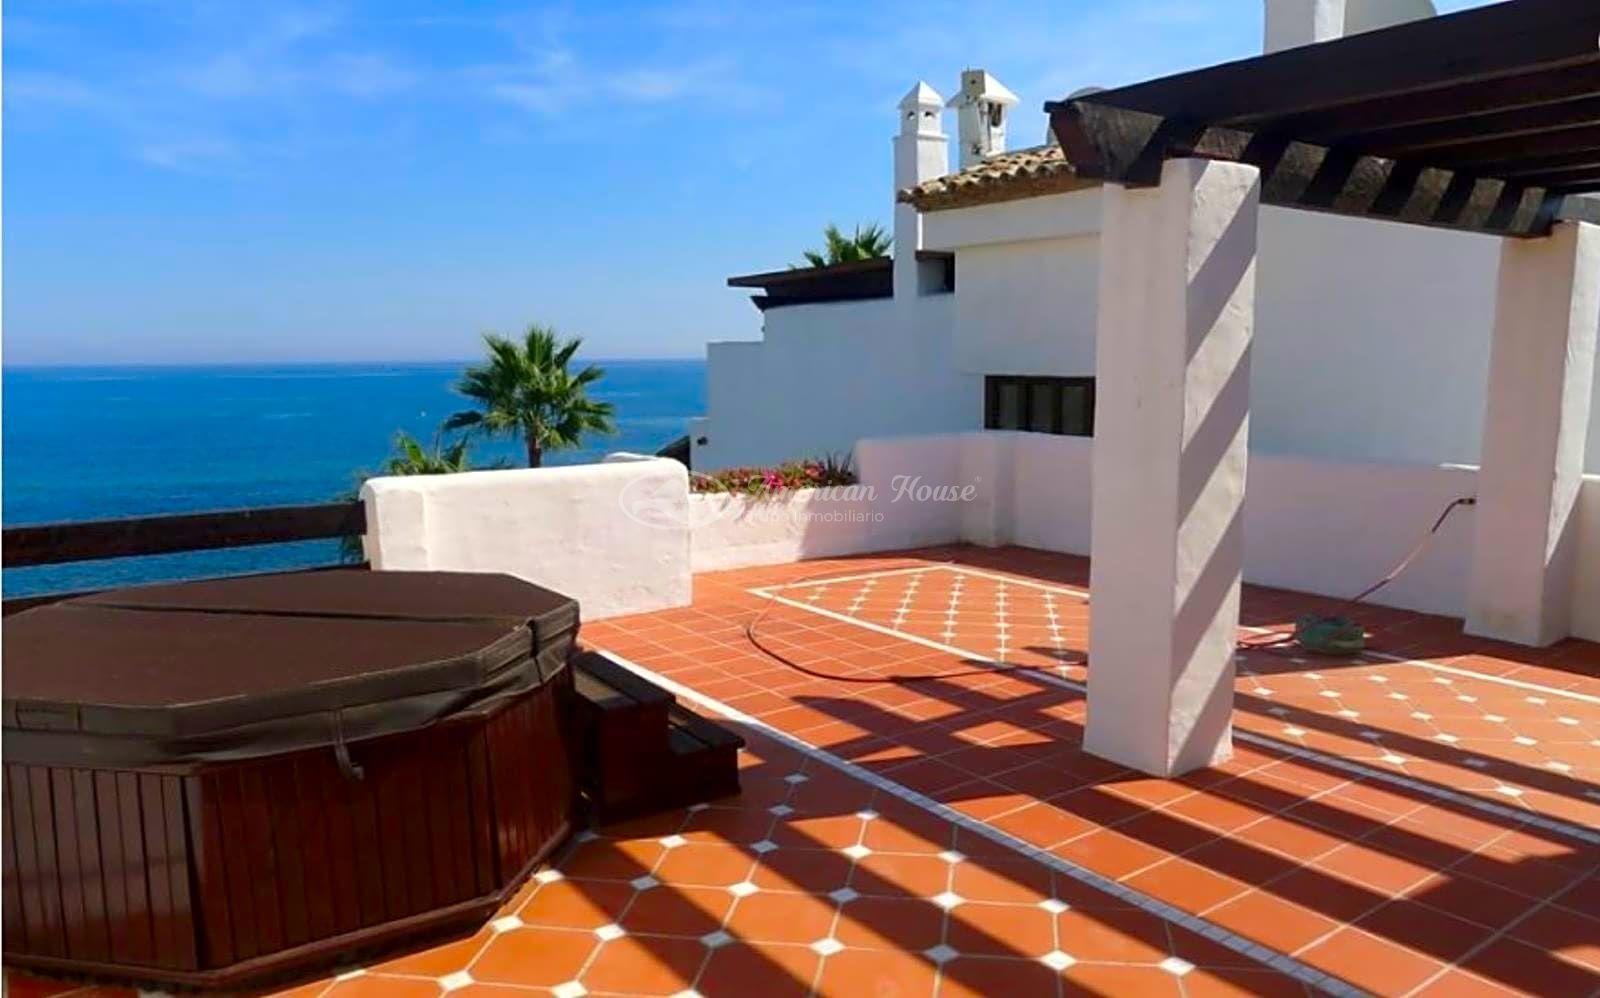 Exclusivo Apartamento en Venta con Vistas insólitas al Mar entre Puerto Banús y San Pedro de Alcántara, Marbella